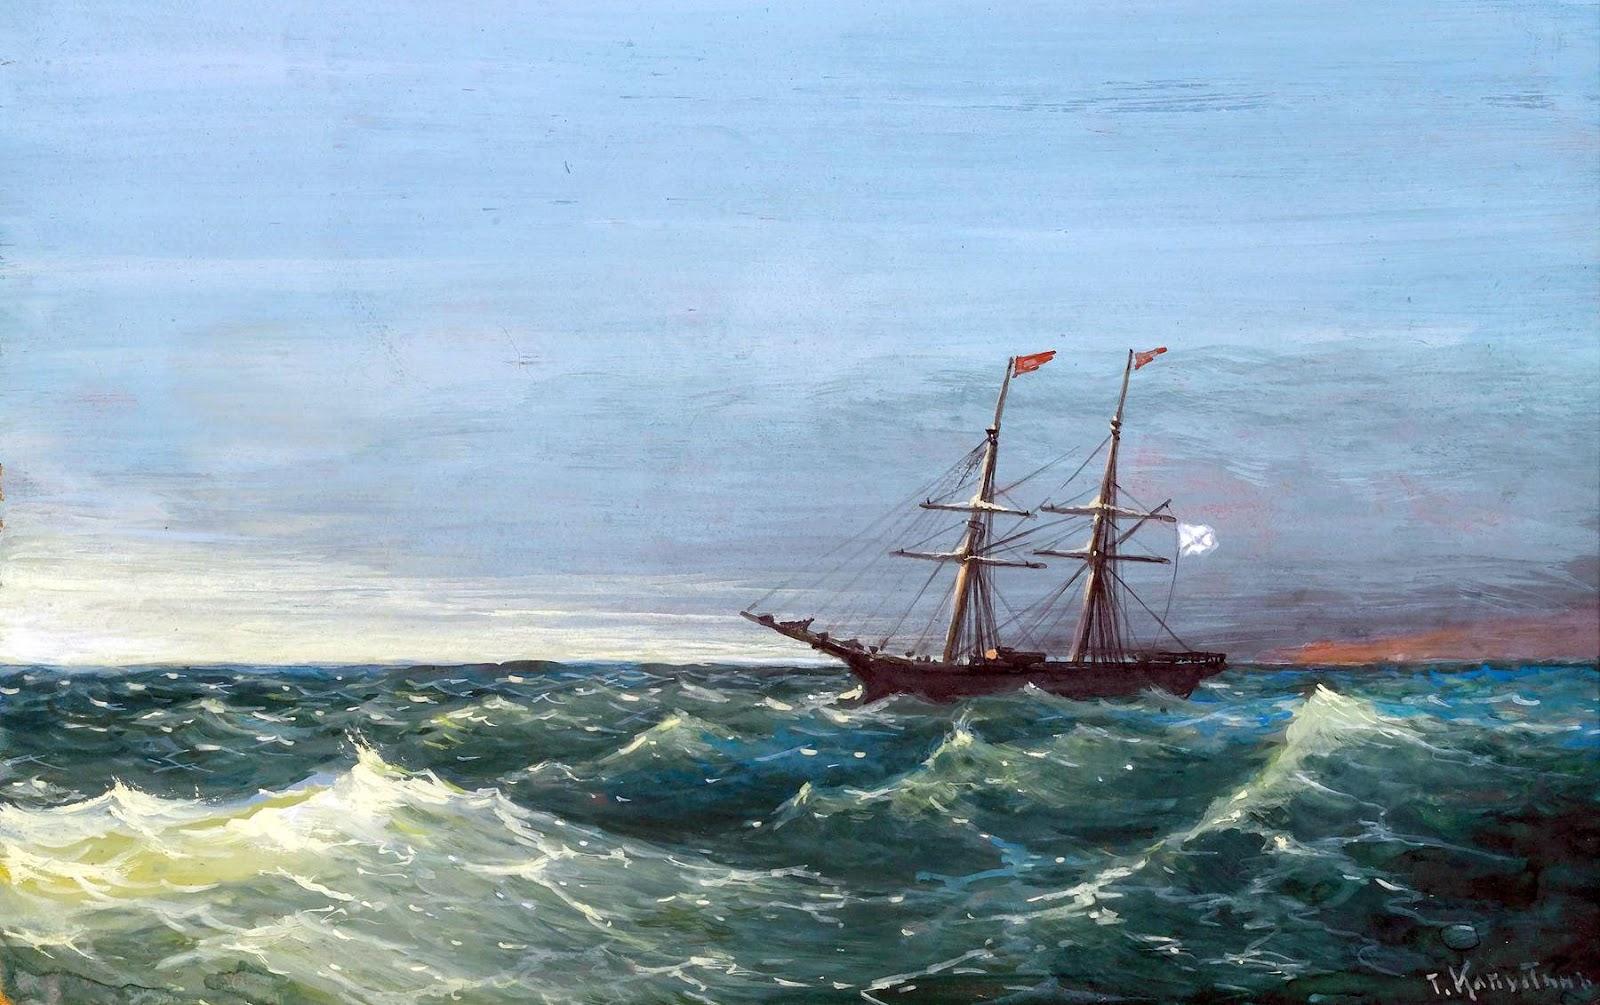 navy rough seas wallpaper - photo #30